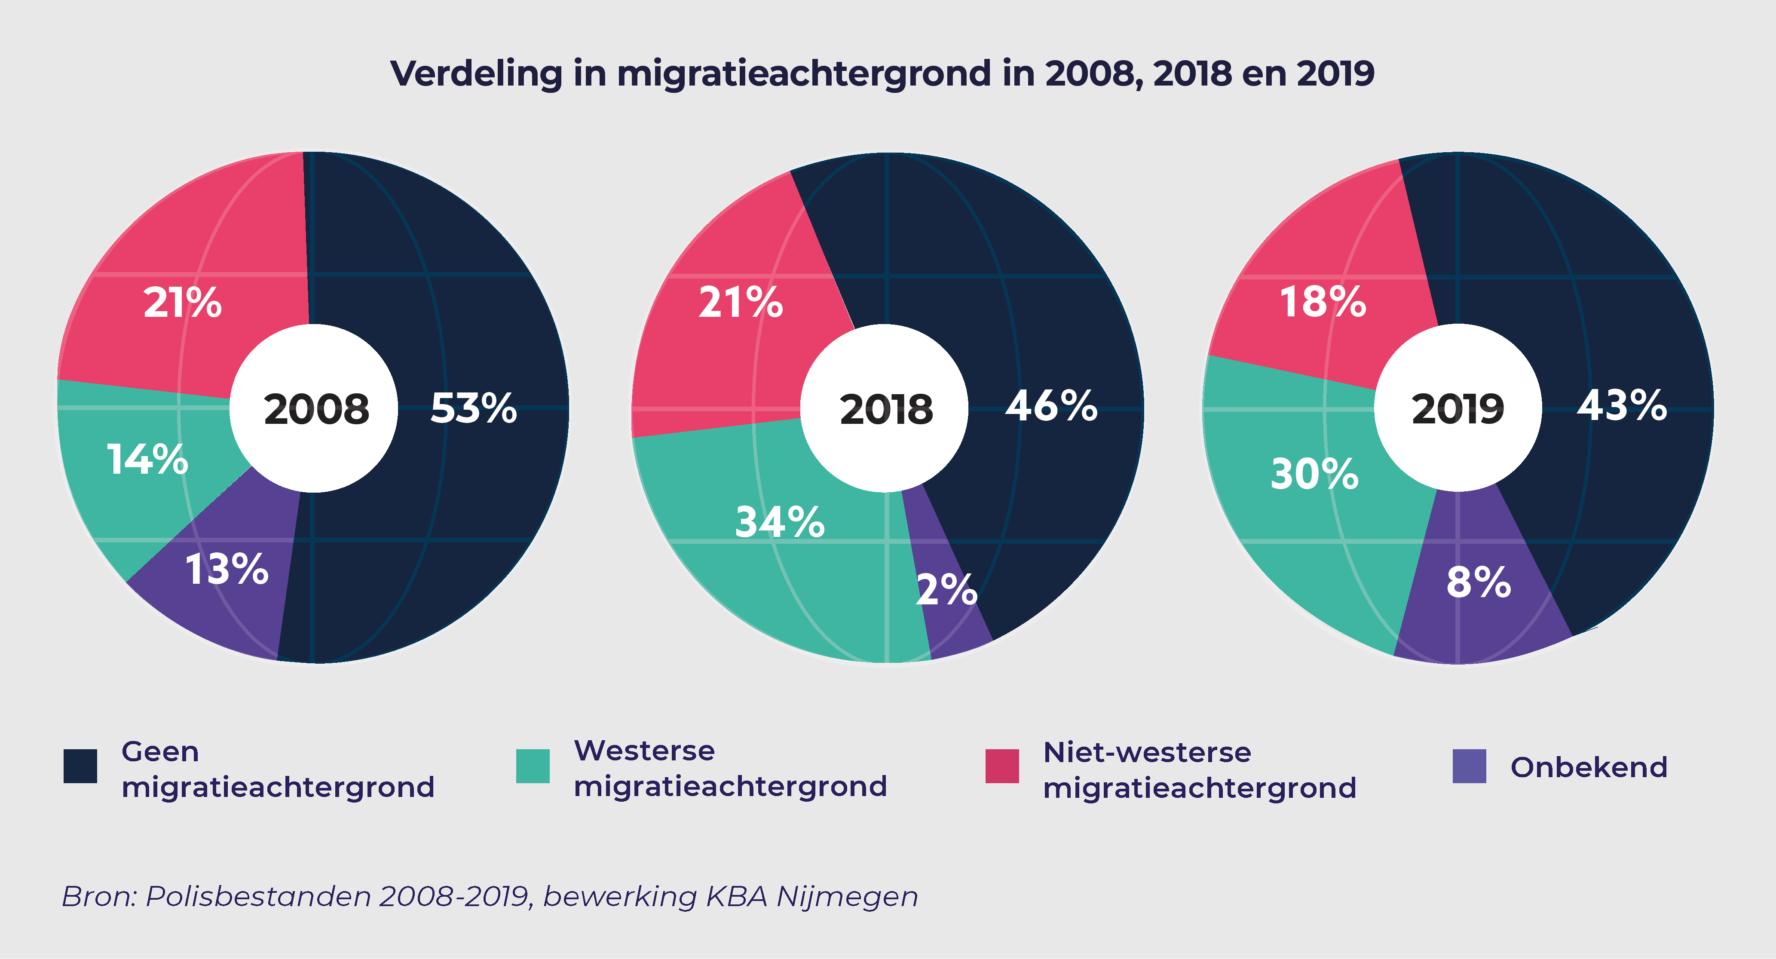 Uitzendkrachten met migratieachtergrond